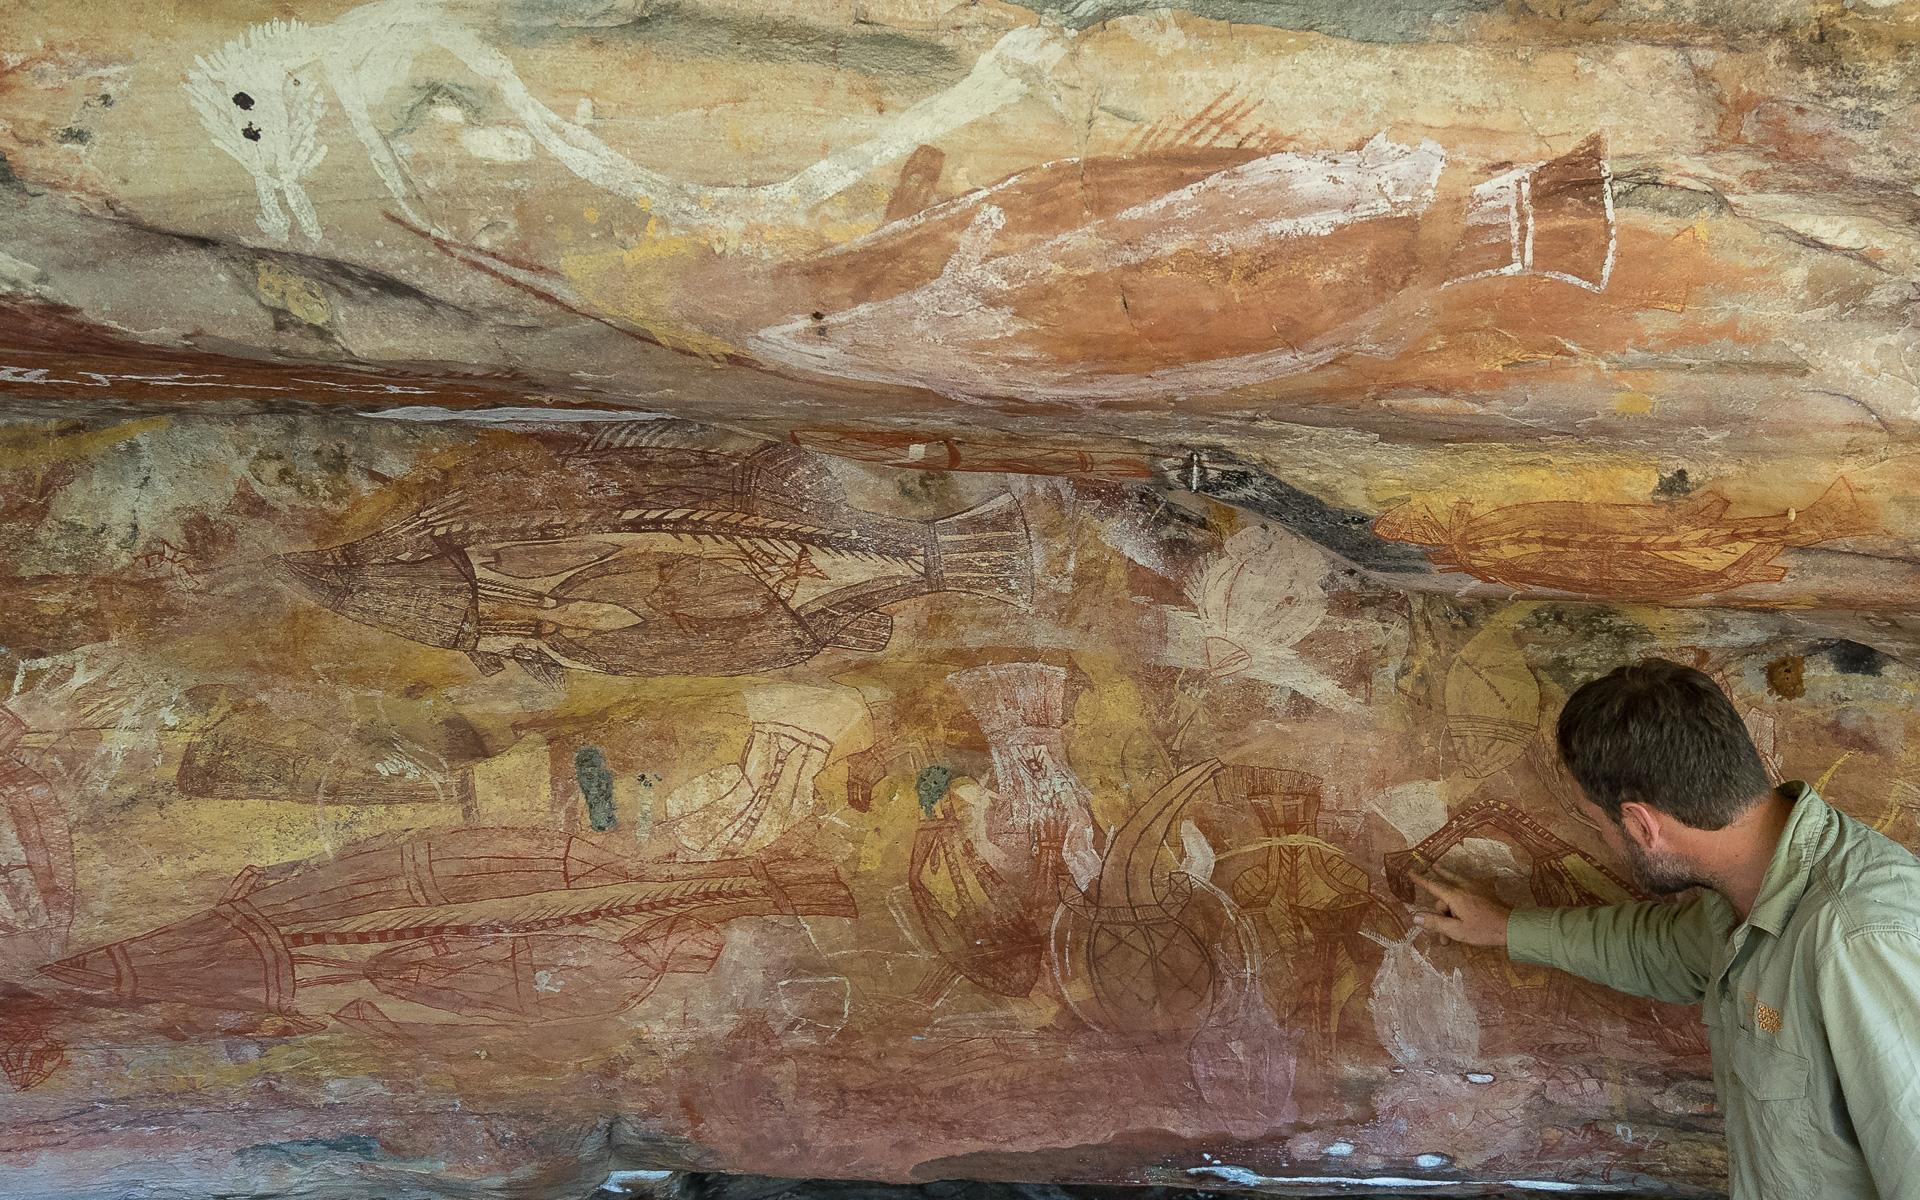 arnhem-land-rock-painting-kakadu-cultural-tour-australien